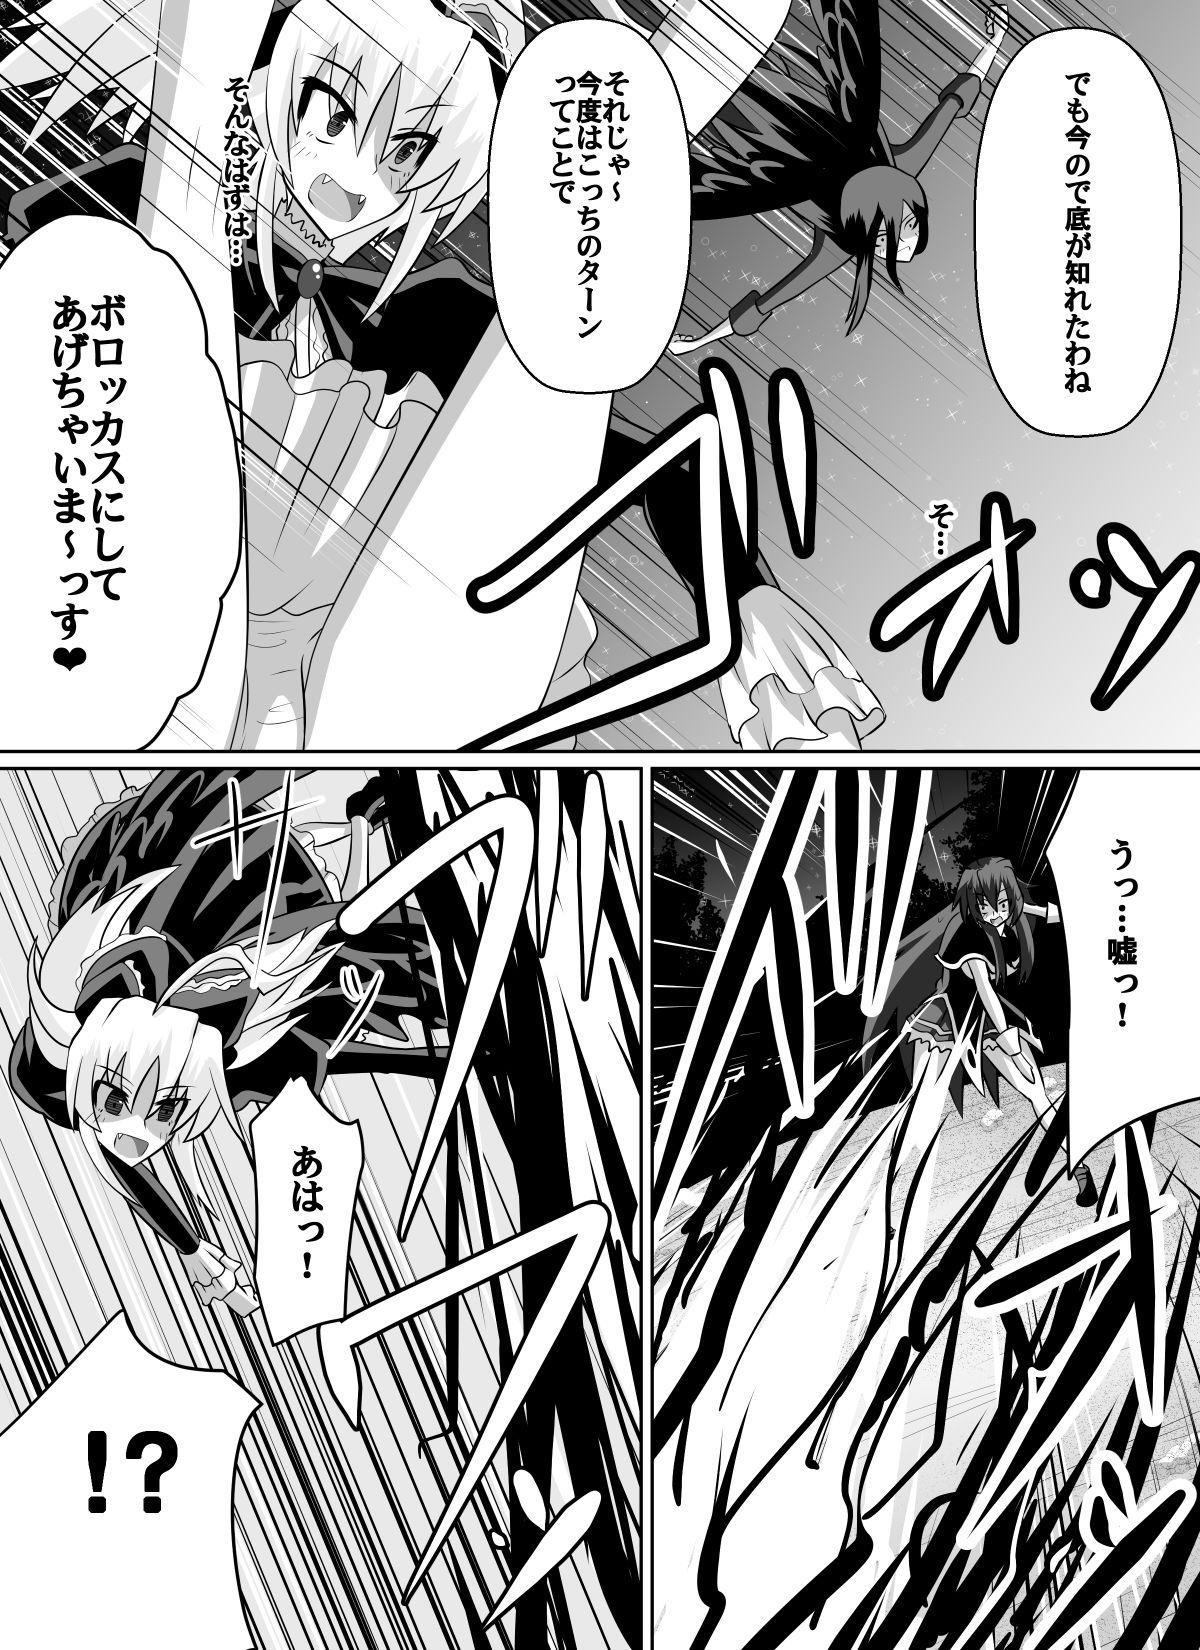 Benigami no Messatsuki ~Teki Onna ni Juurin Sareru Kouketsu Shoujo 6